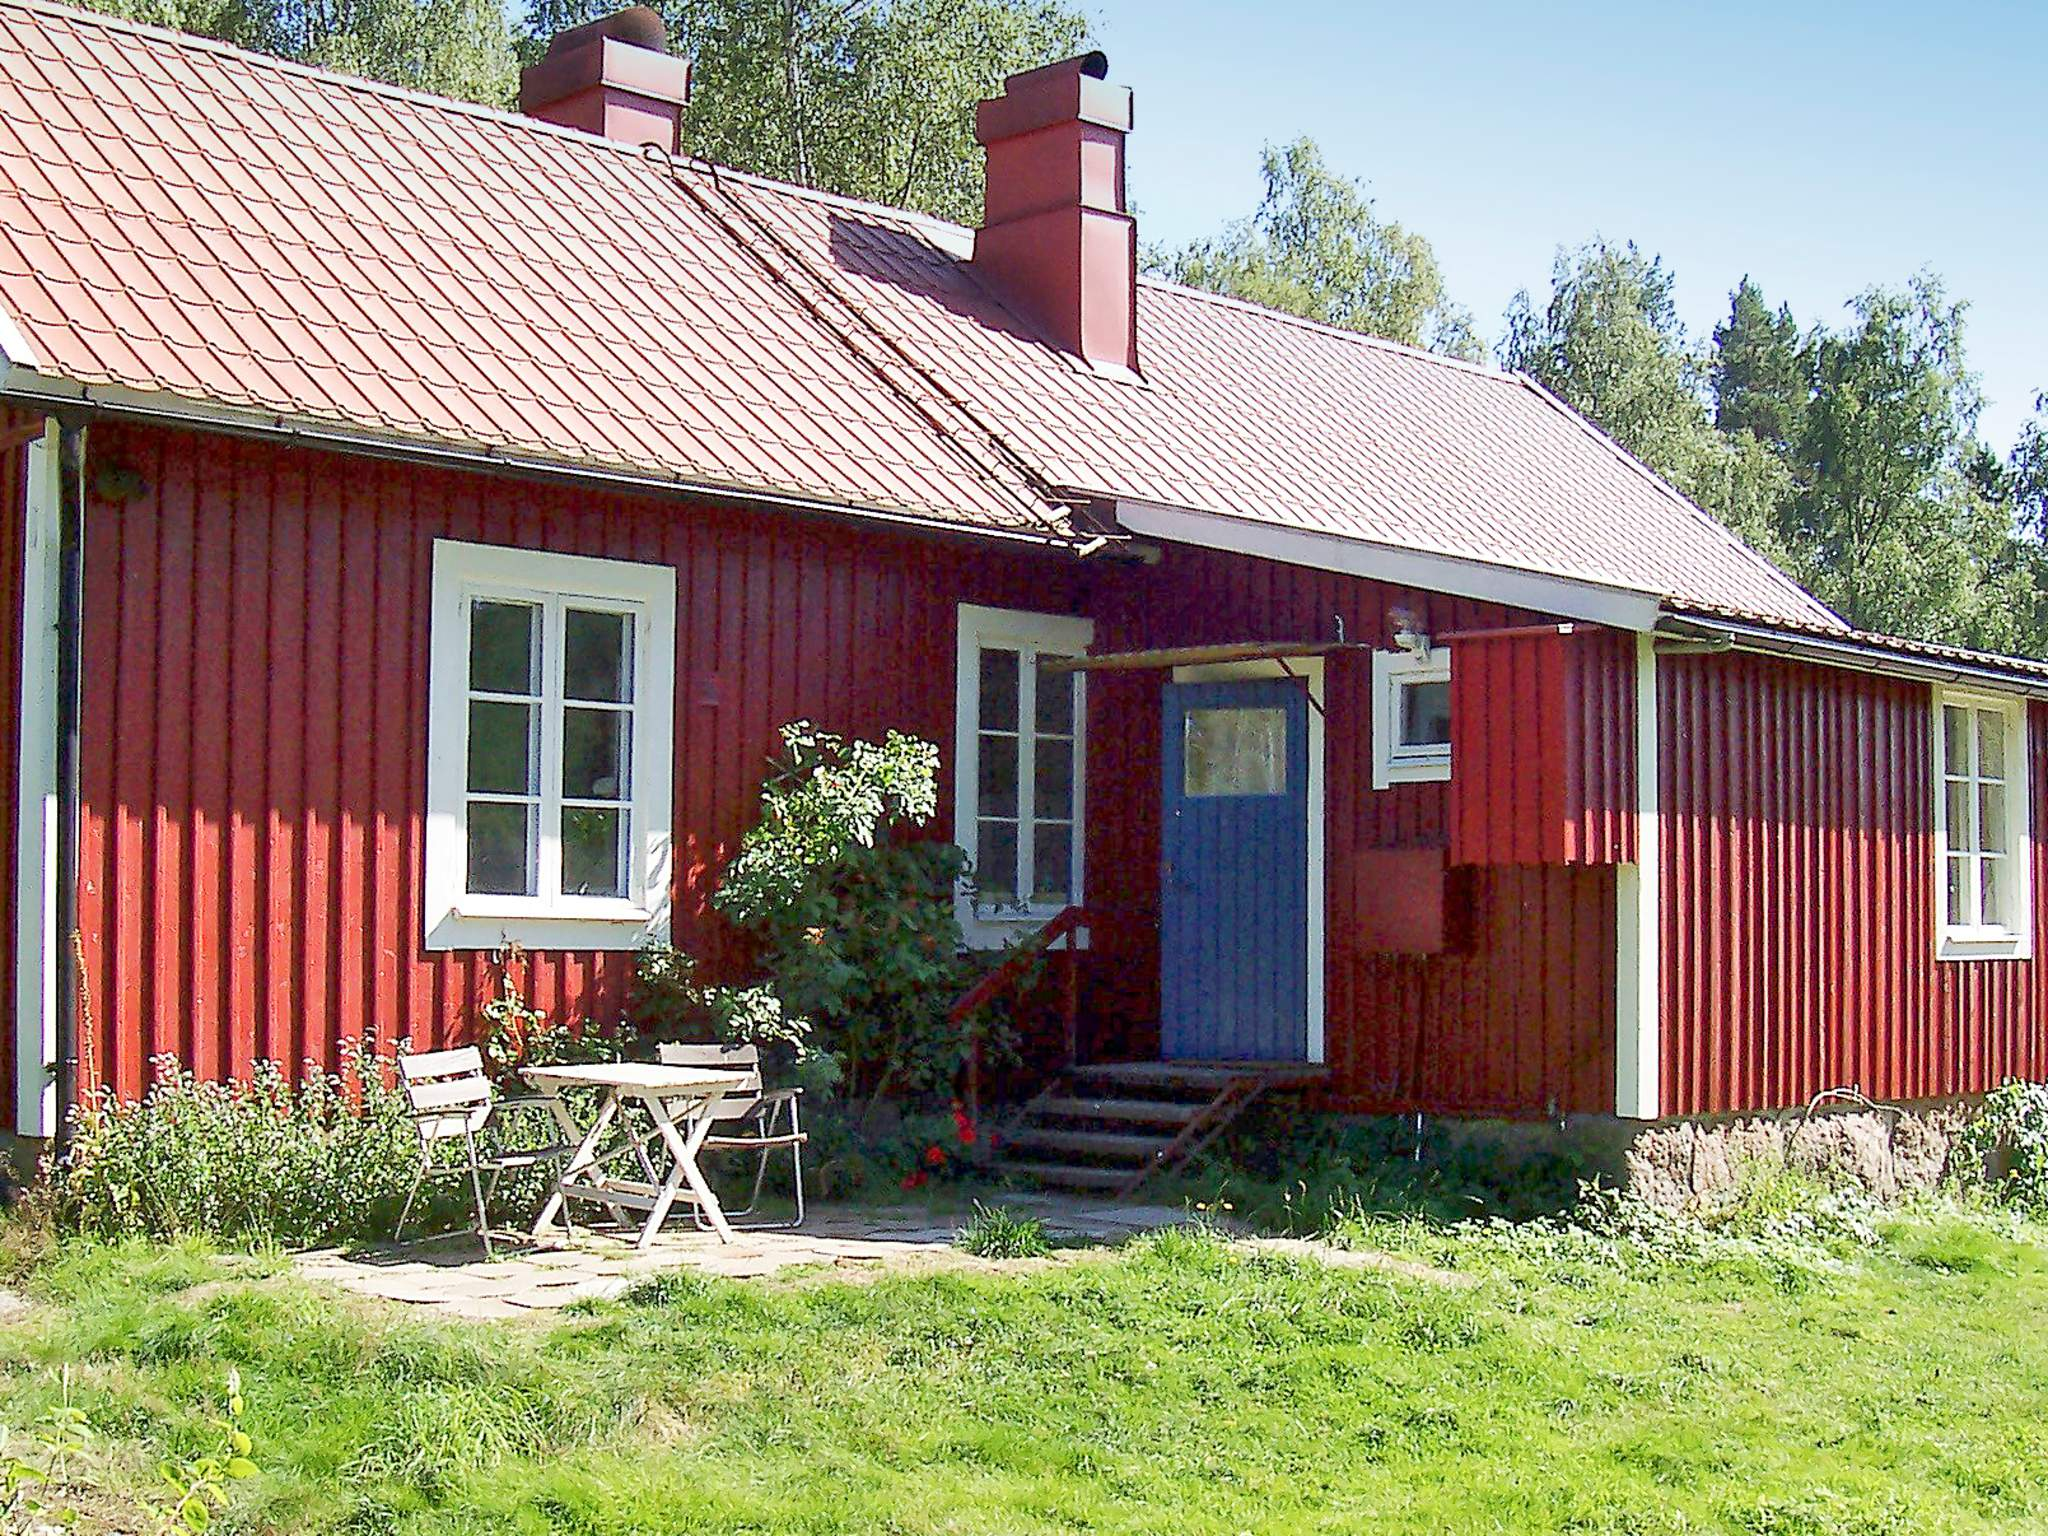 Ferienhaus Tving (135628), Tving, Blekinge län, Südschweden, Schweden, Bild 18